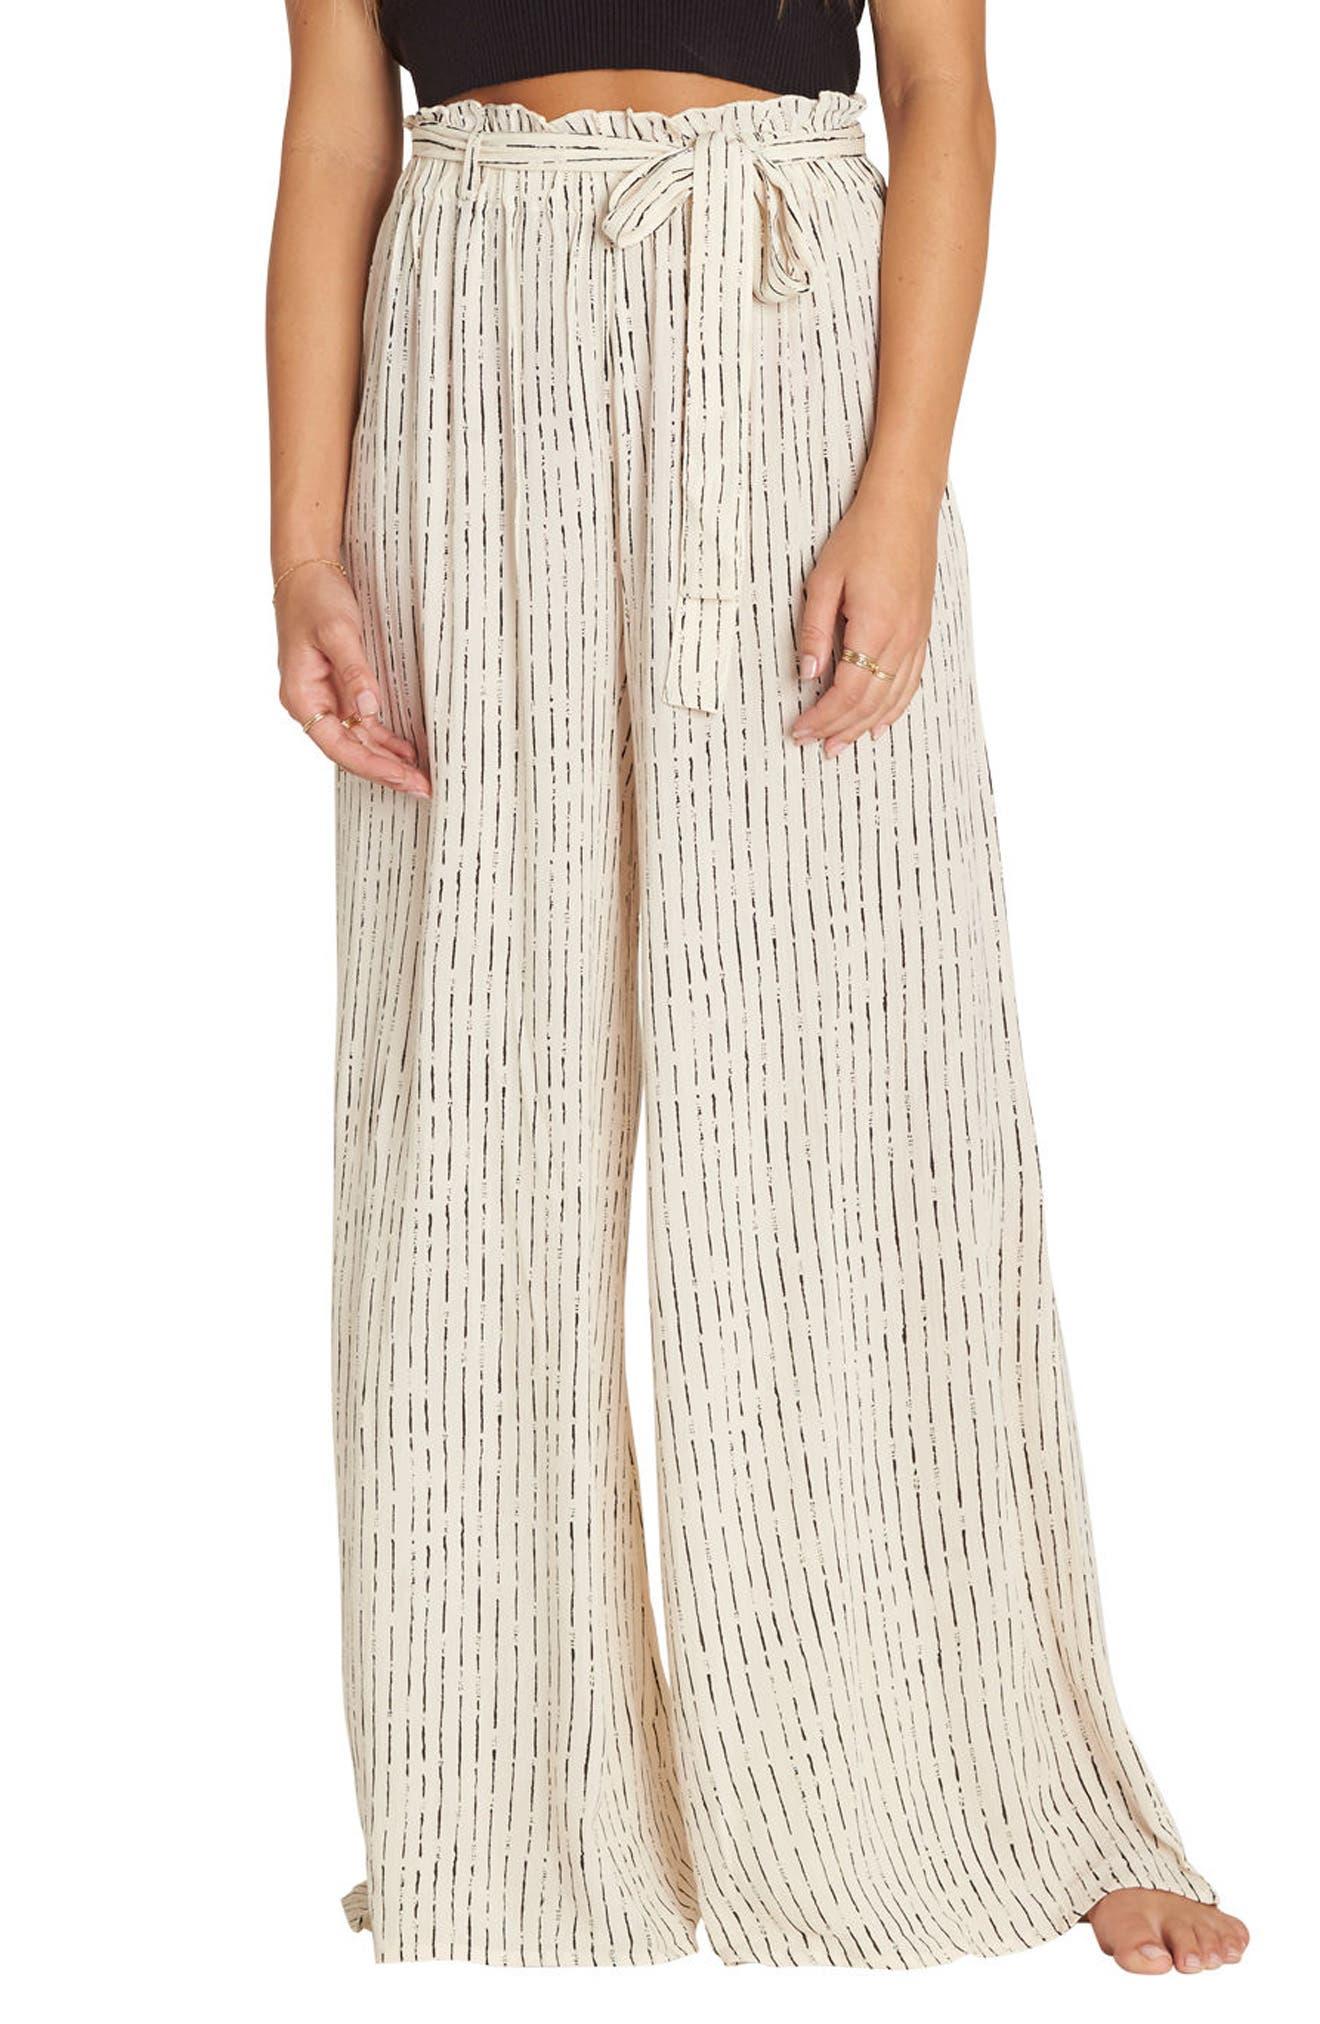 Happy Dance Stripe Wide Leg Pants,                         Main,                         color, 250